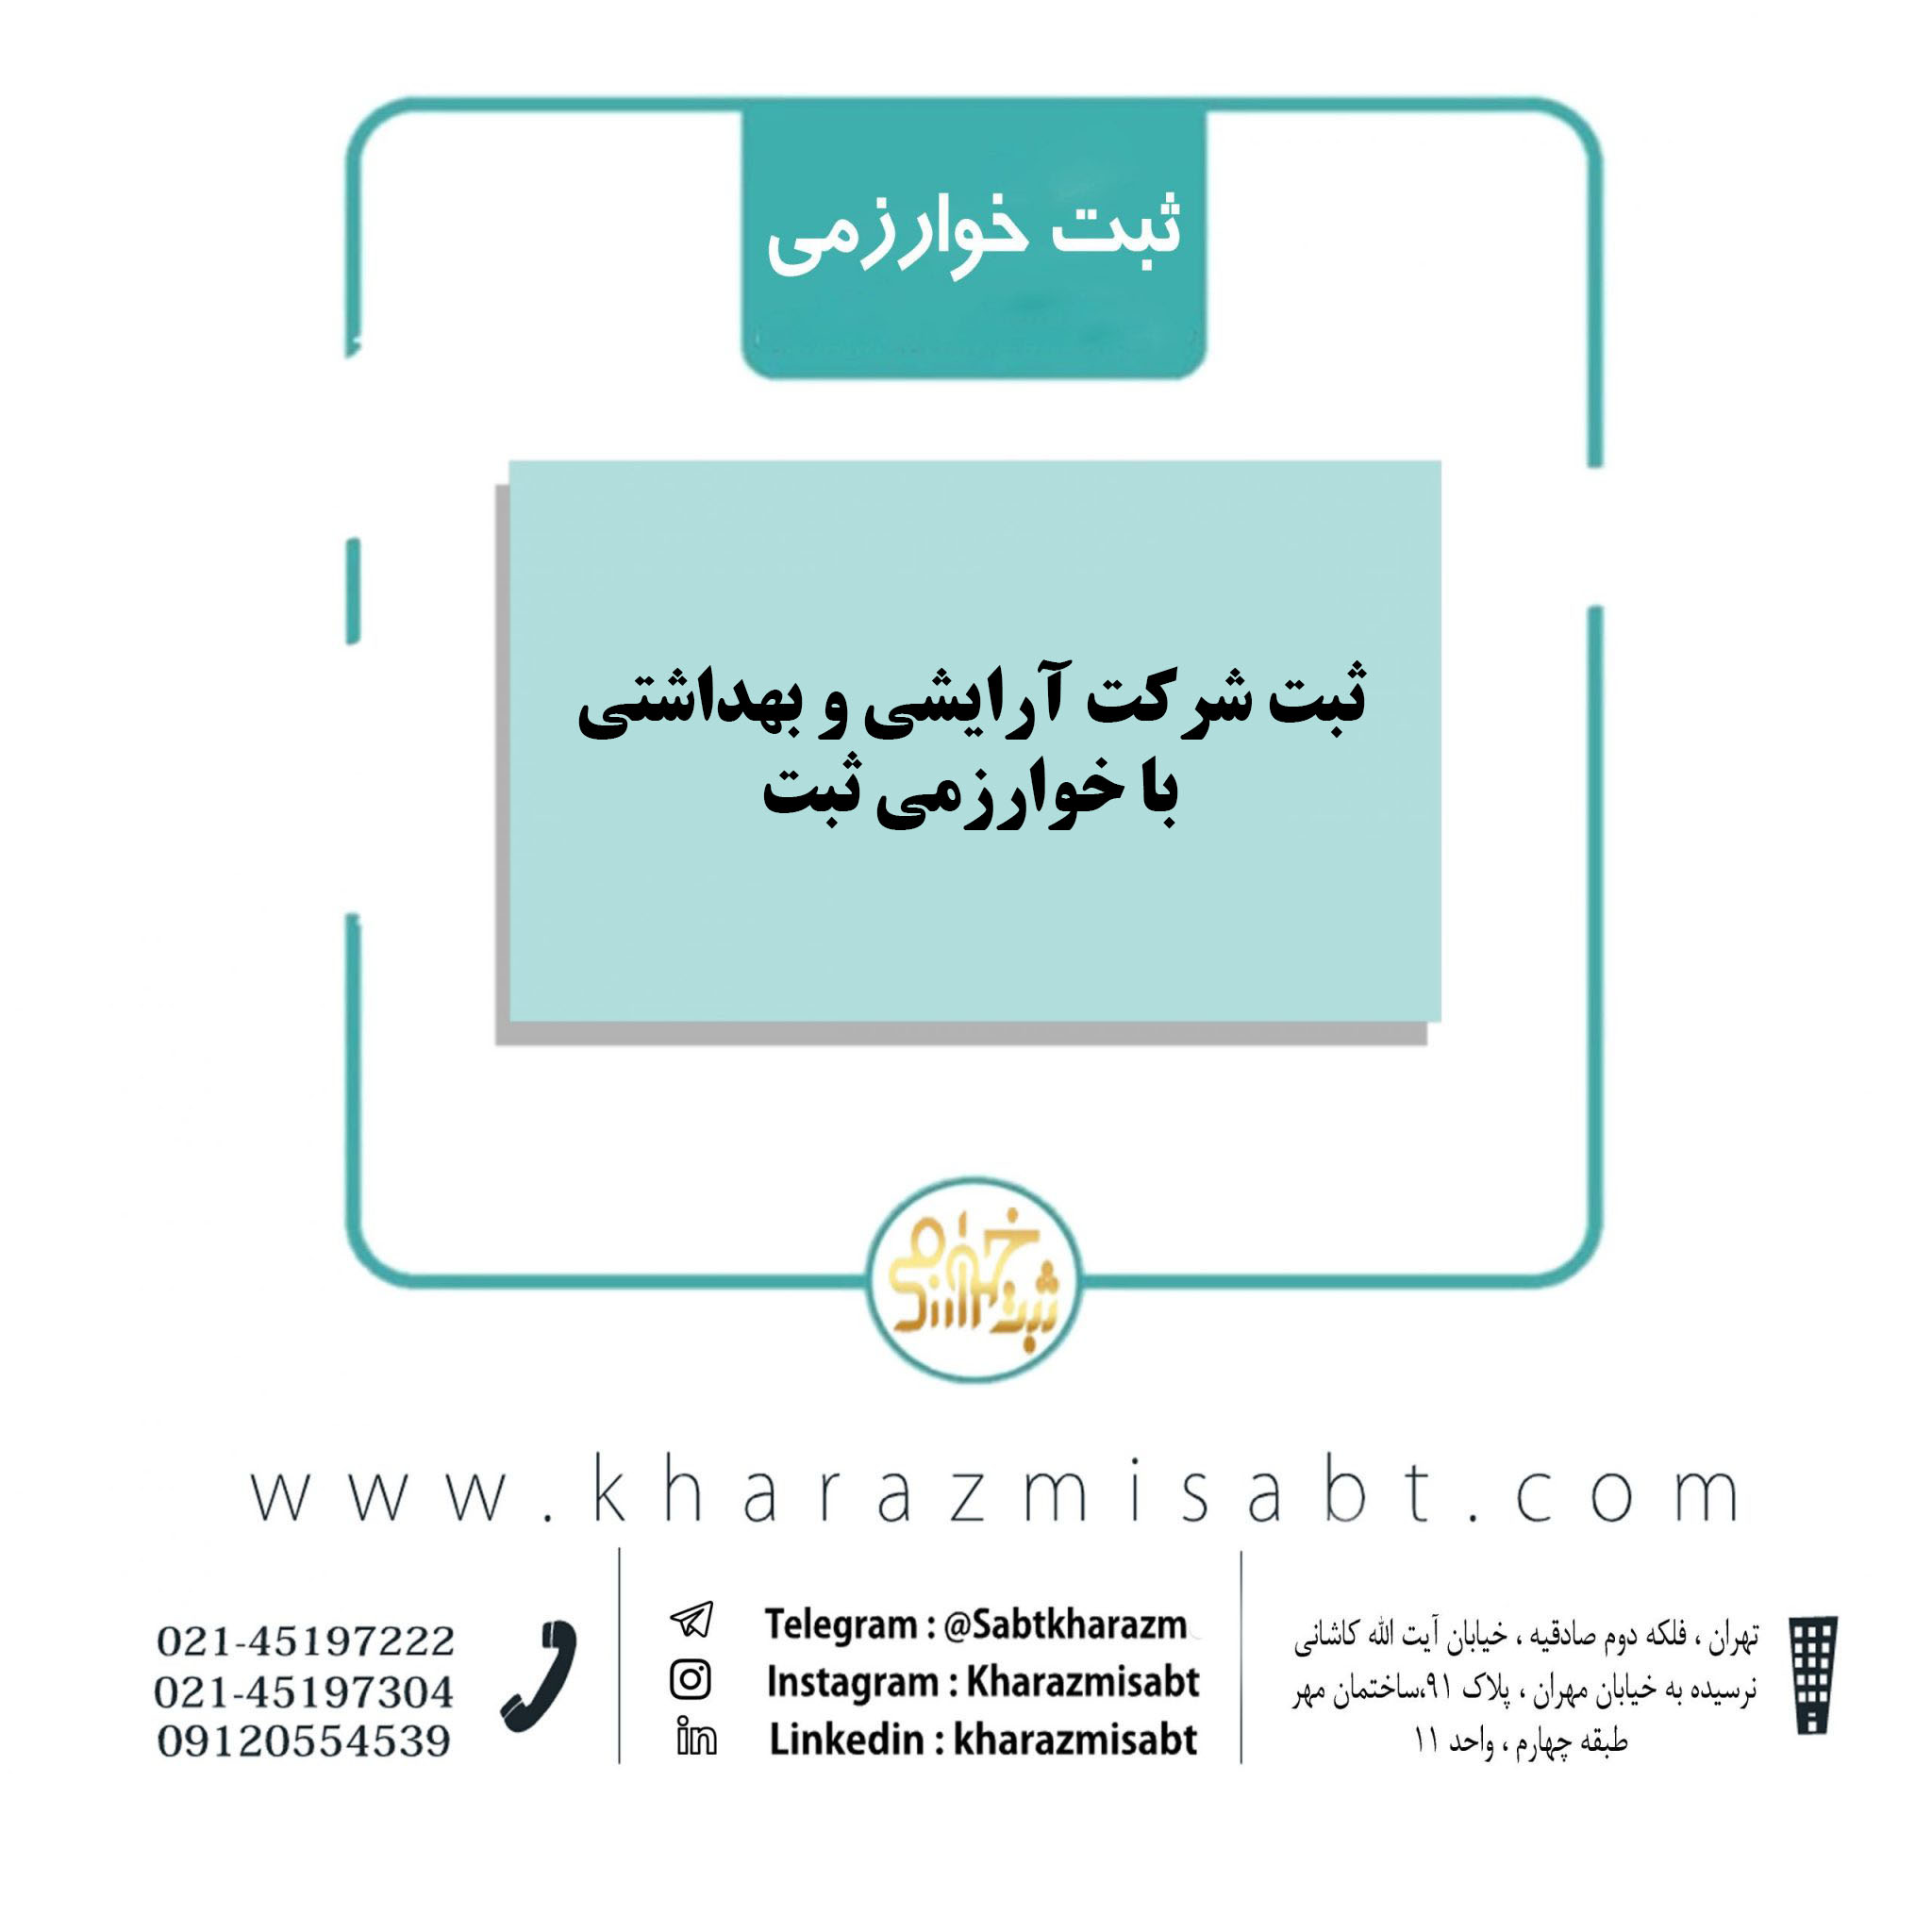 ثبت شرکت آرایشی و بهداشتی